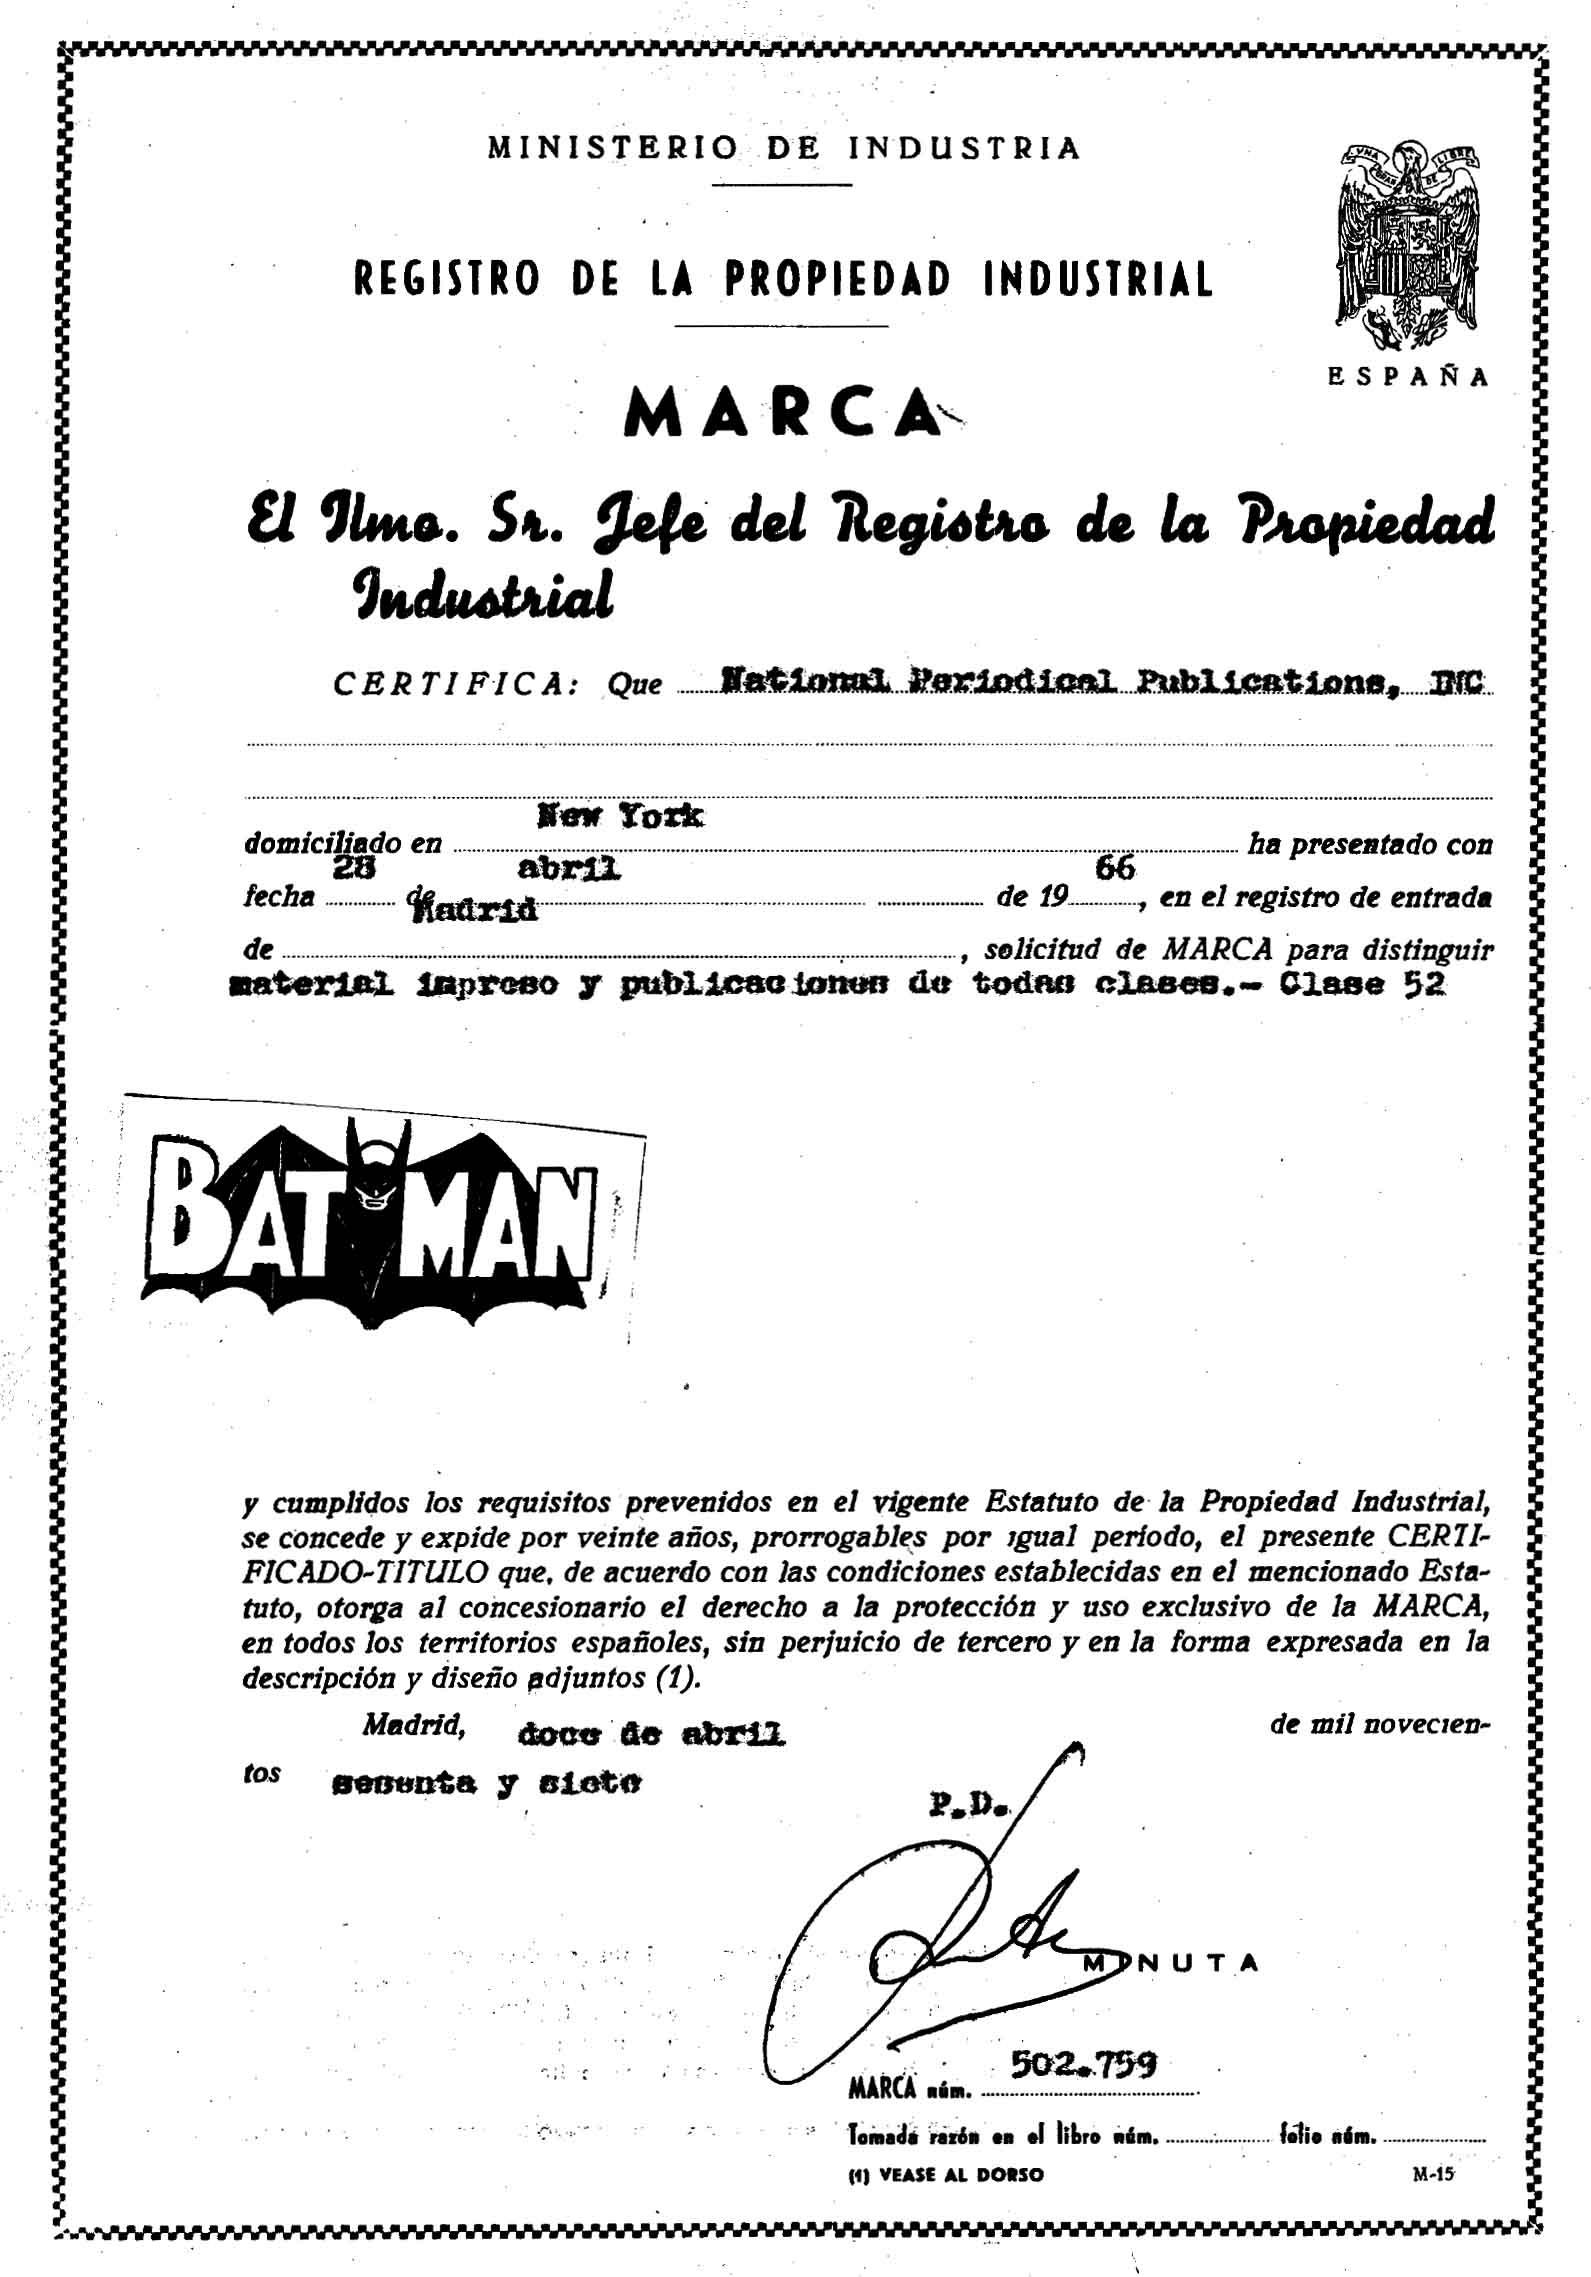 Certificado Marca BATMAN, 12 de abril de 1967 Ministerio de Industria, Energía y Turismo. Oficina Española de Patentes y Marcas. Archivo Histórico, Exp. Nº M0502759.